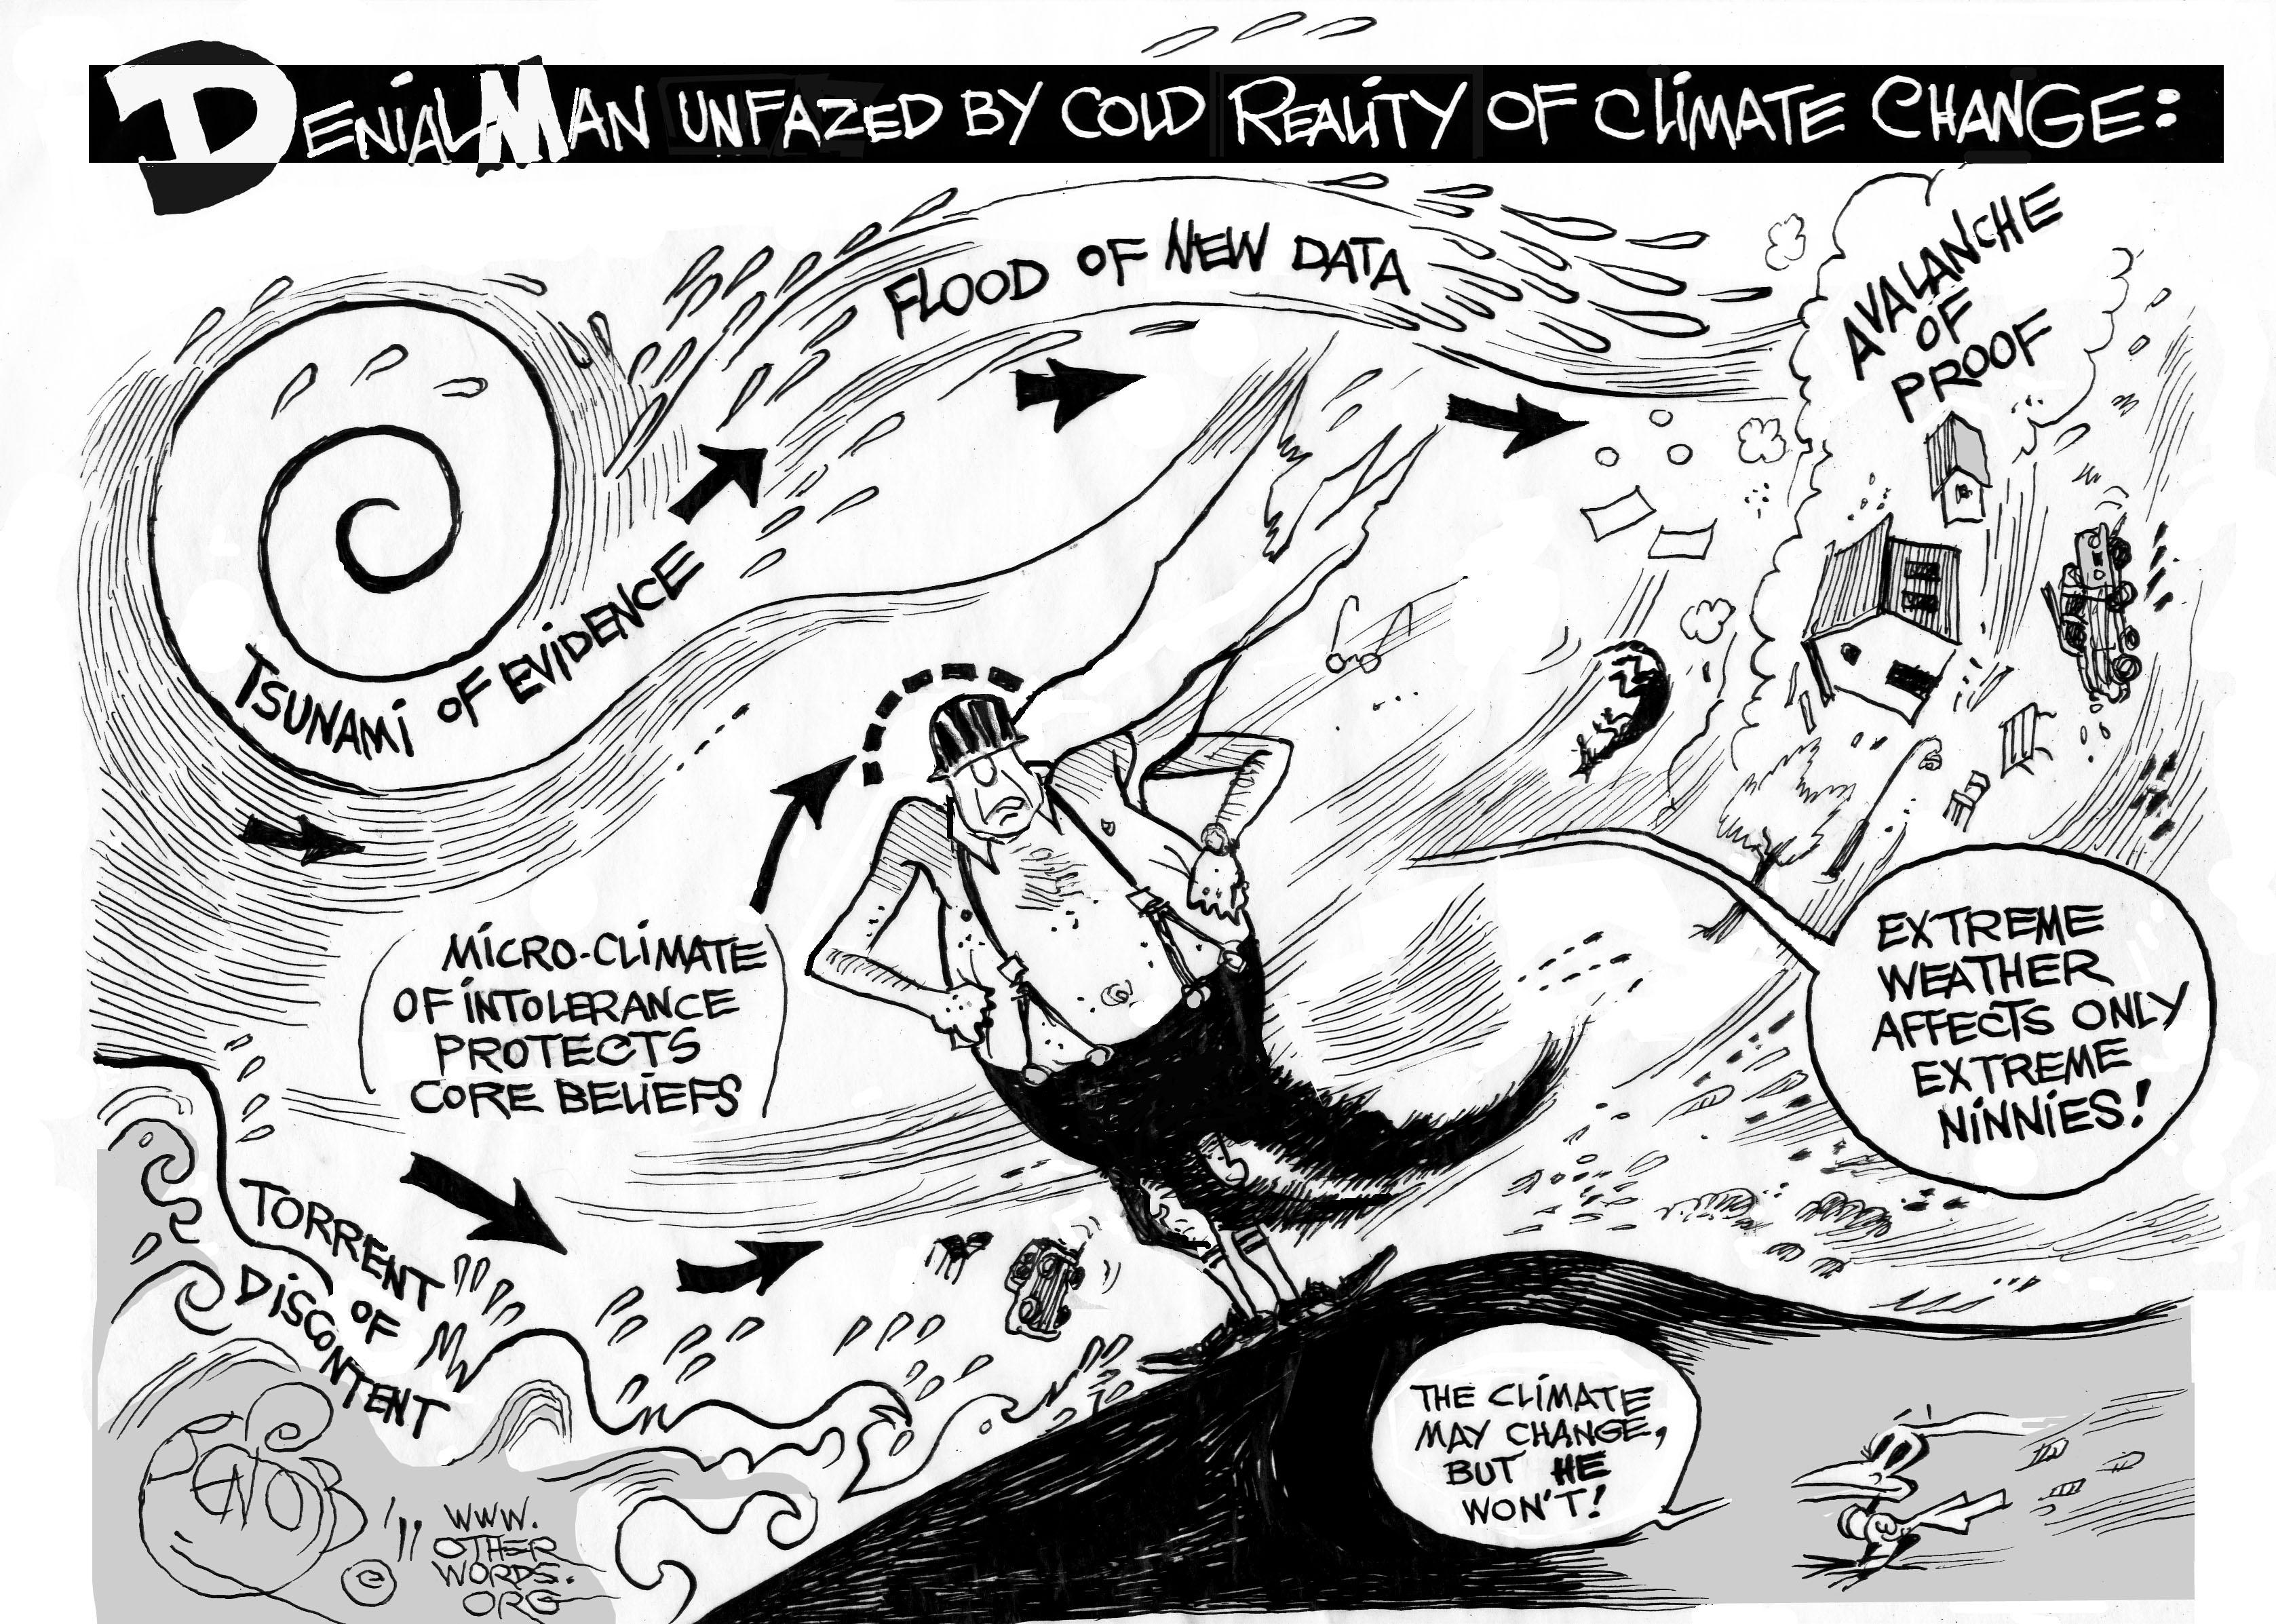 Climate Denial Man